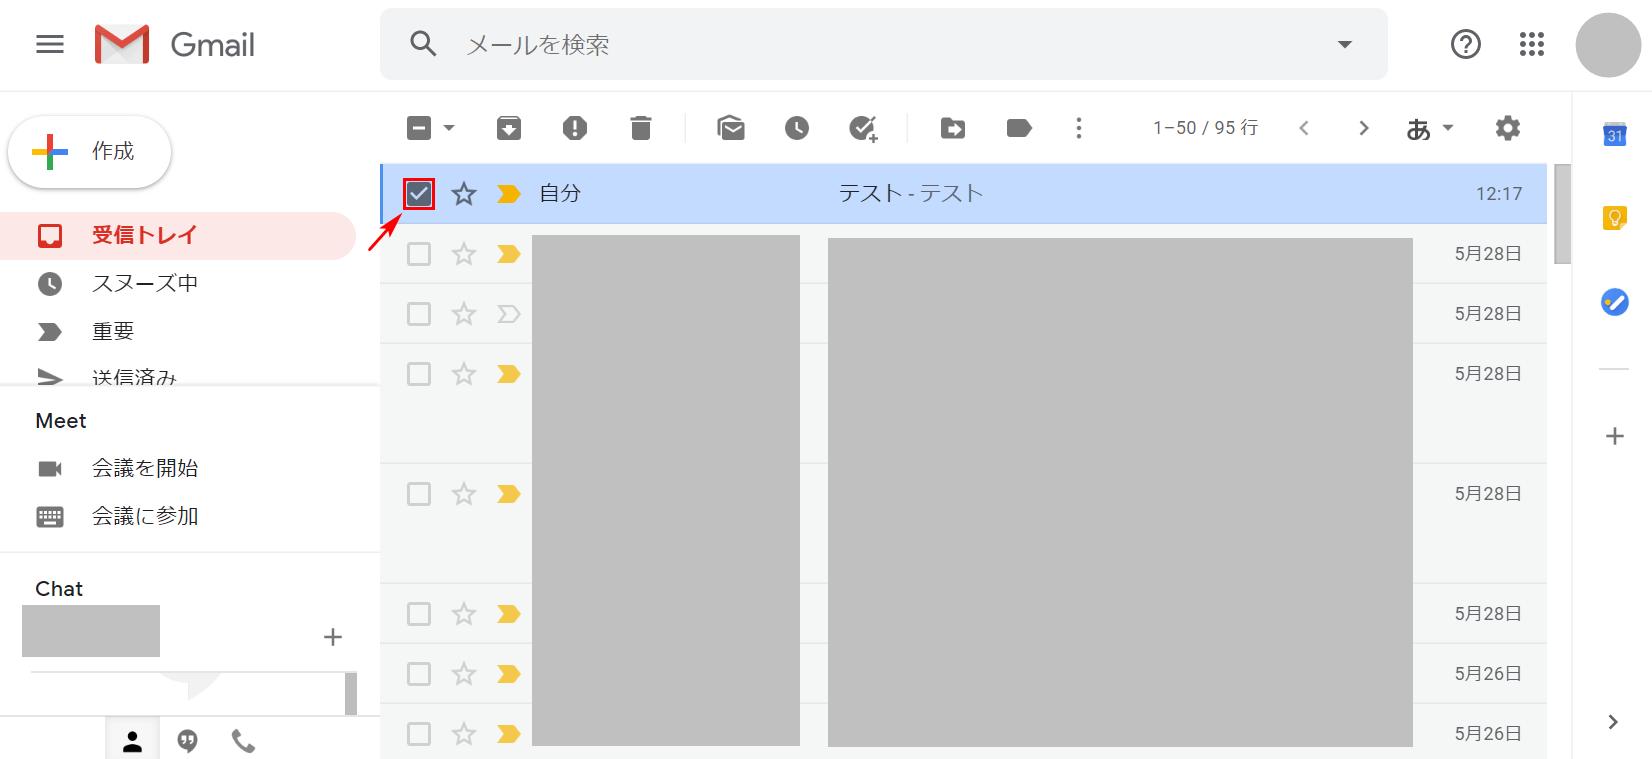 メールの選択